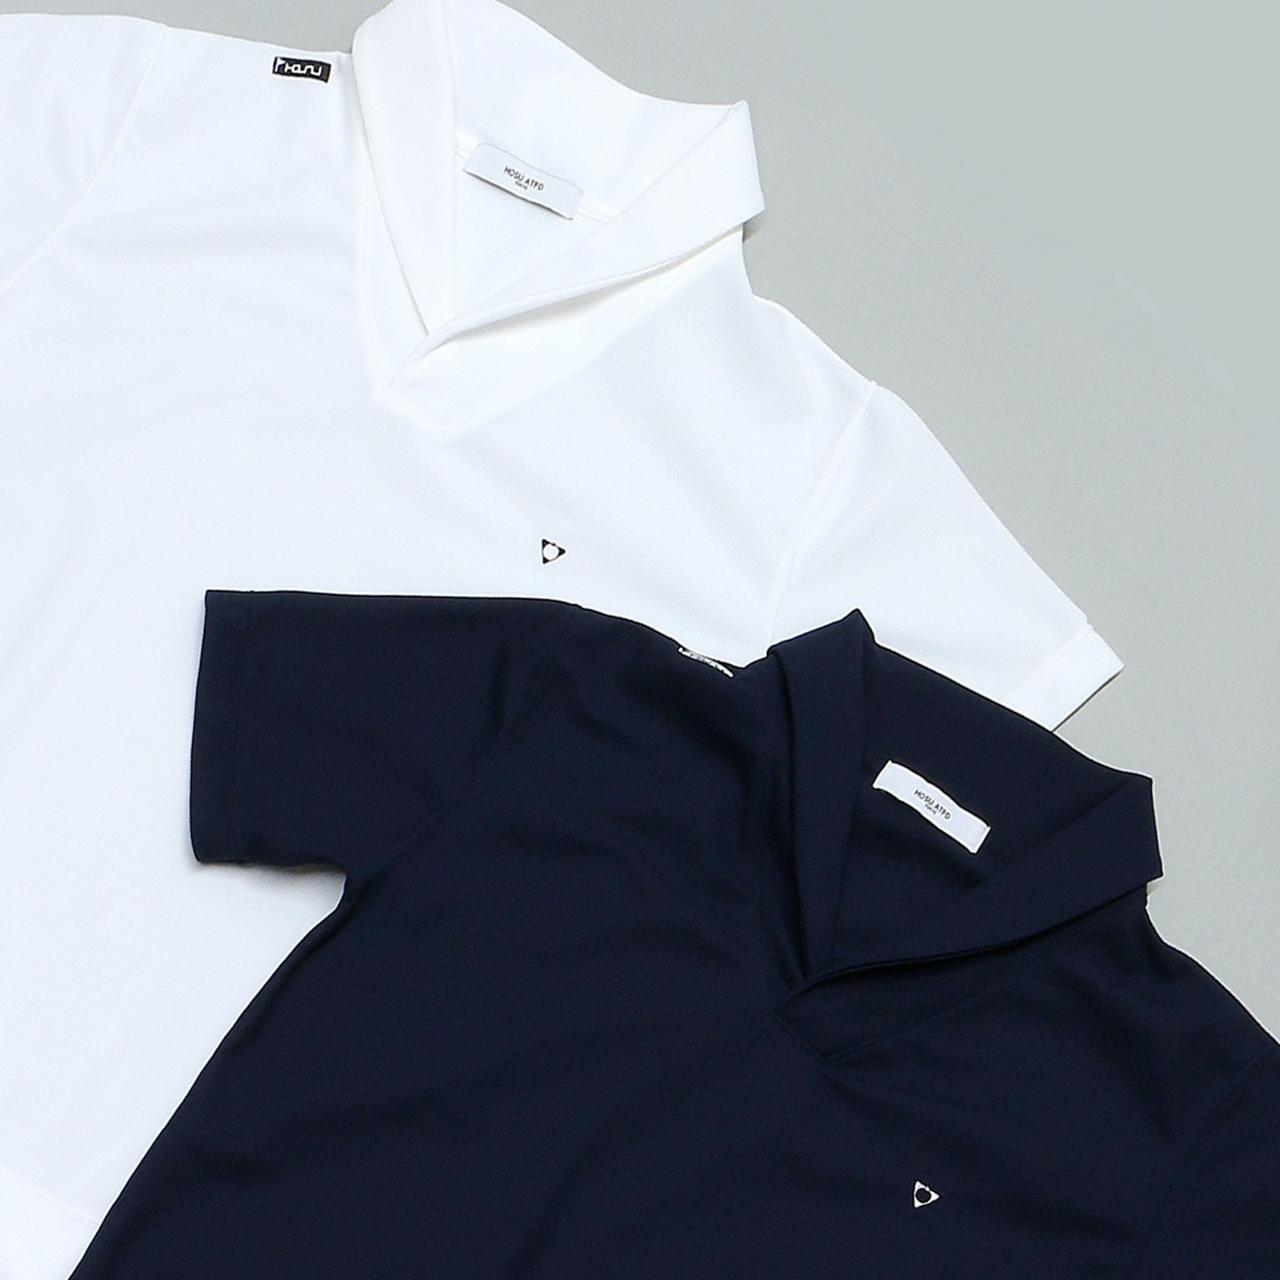 画像: 【大人のポロ】HOSU ショールカラードライポロシャツ-ゴルフダイジェスト公式通販サイト「ゴルフポケット」